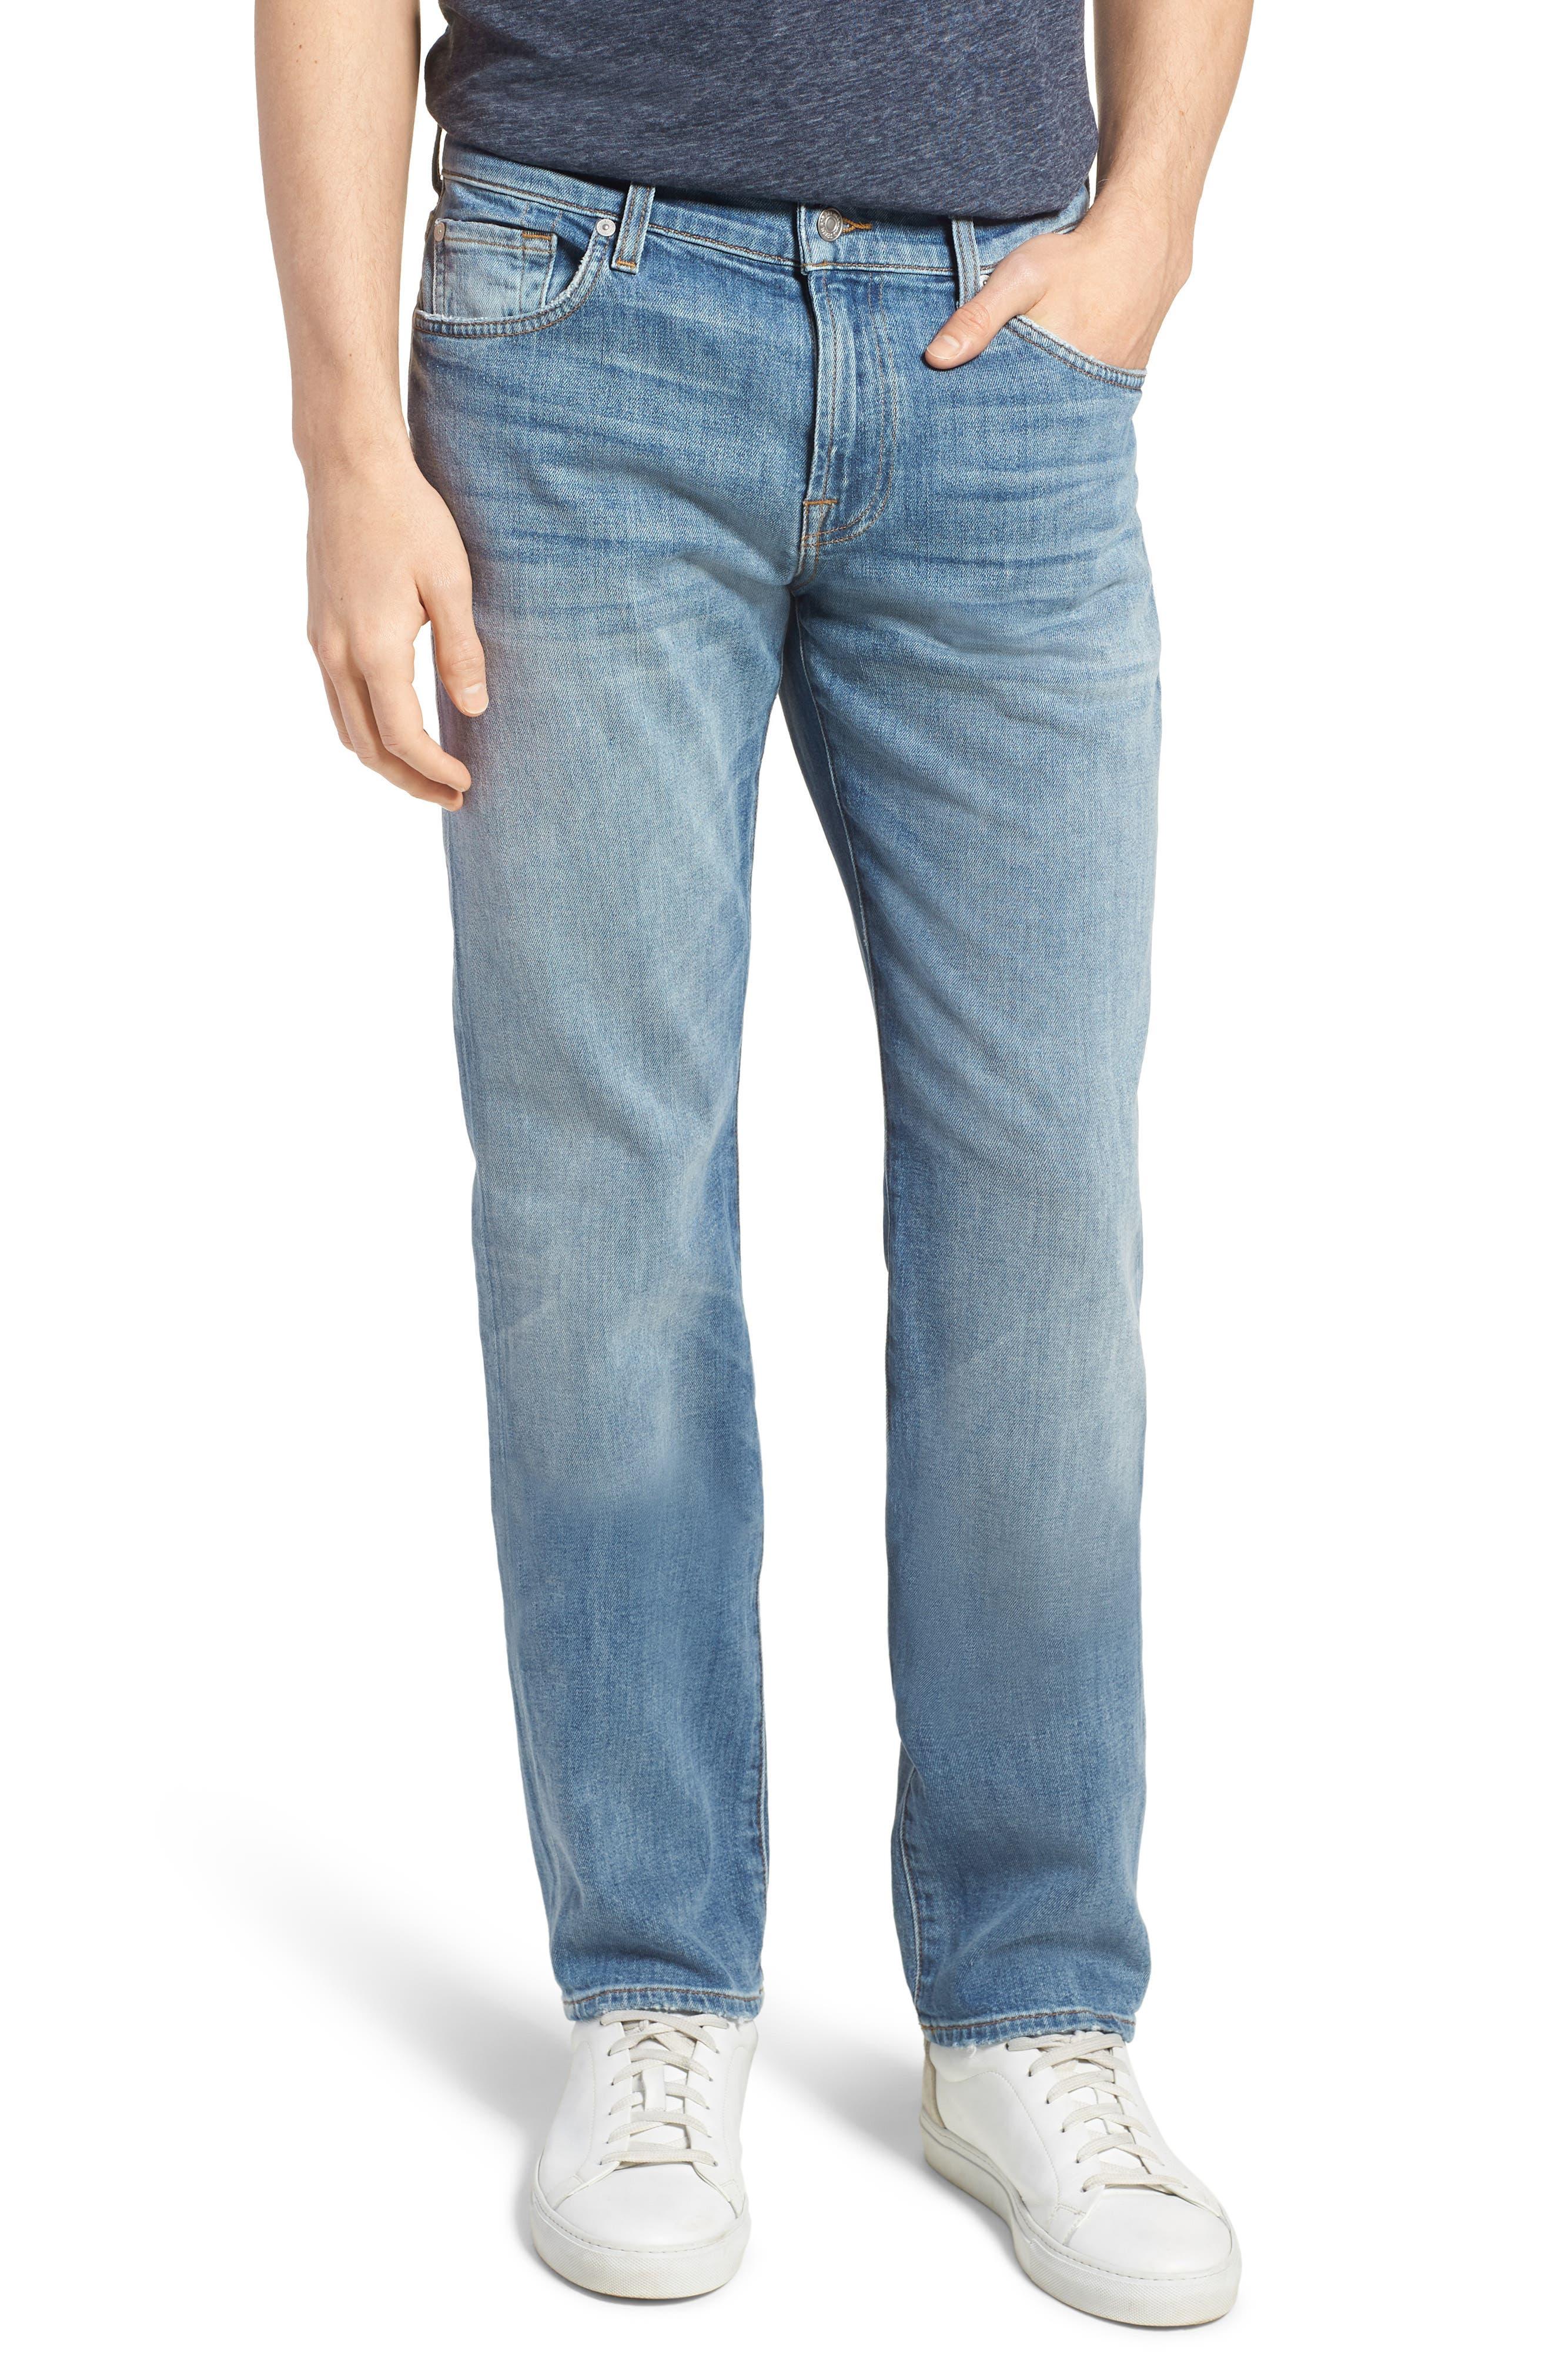 Slimmy Slim Fit Jeans,                             Main thumbnail 1, color,                             400